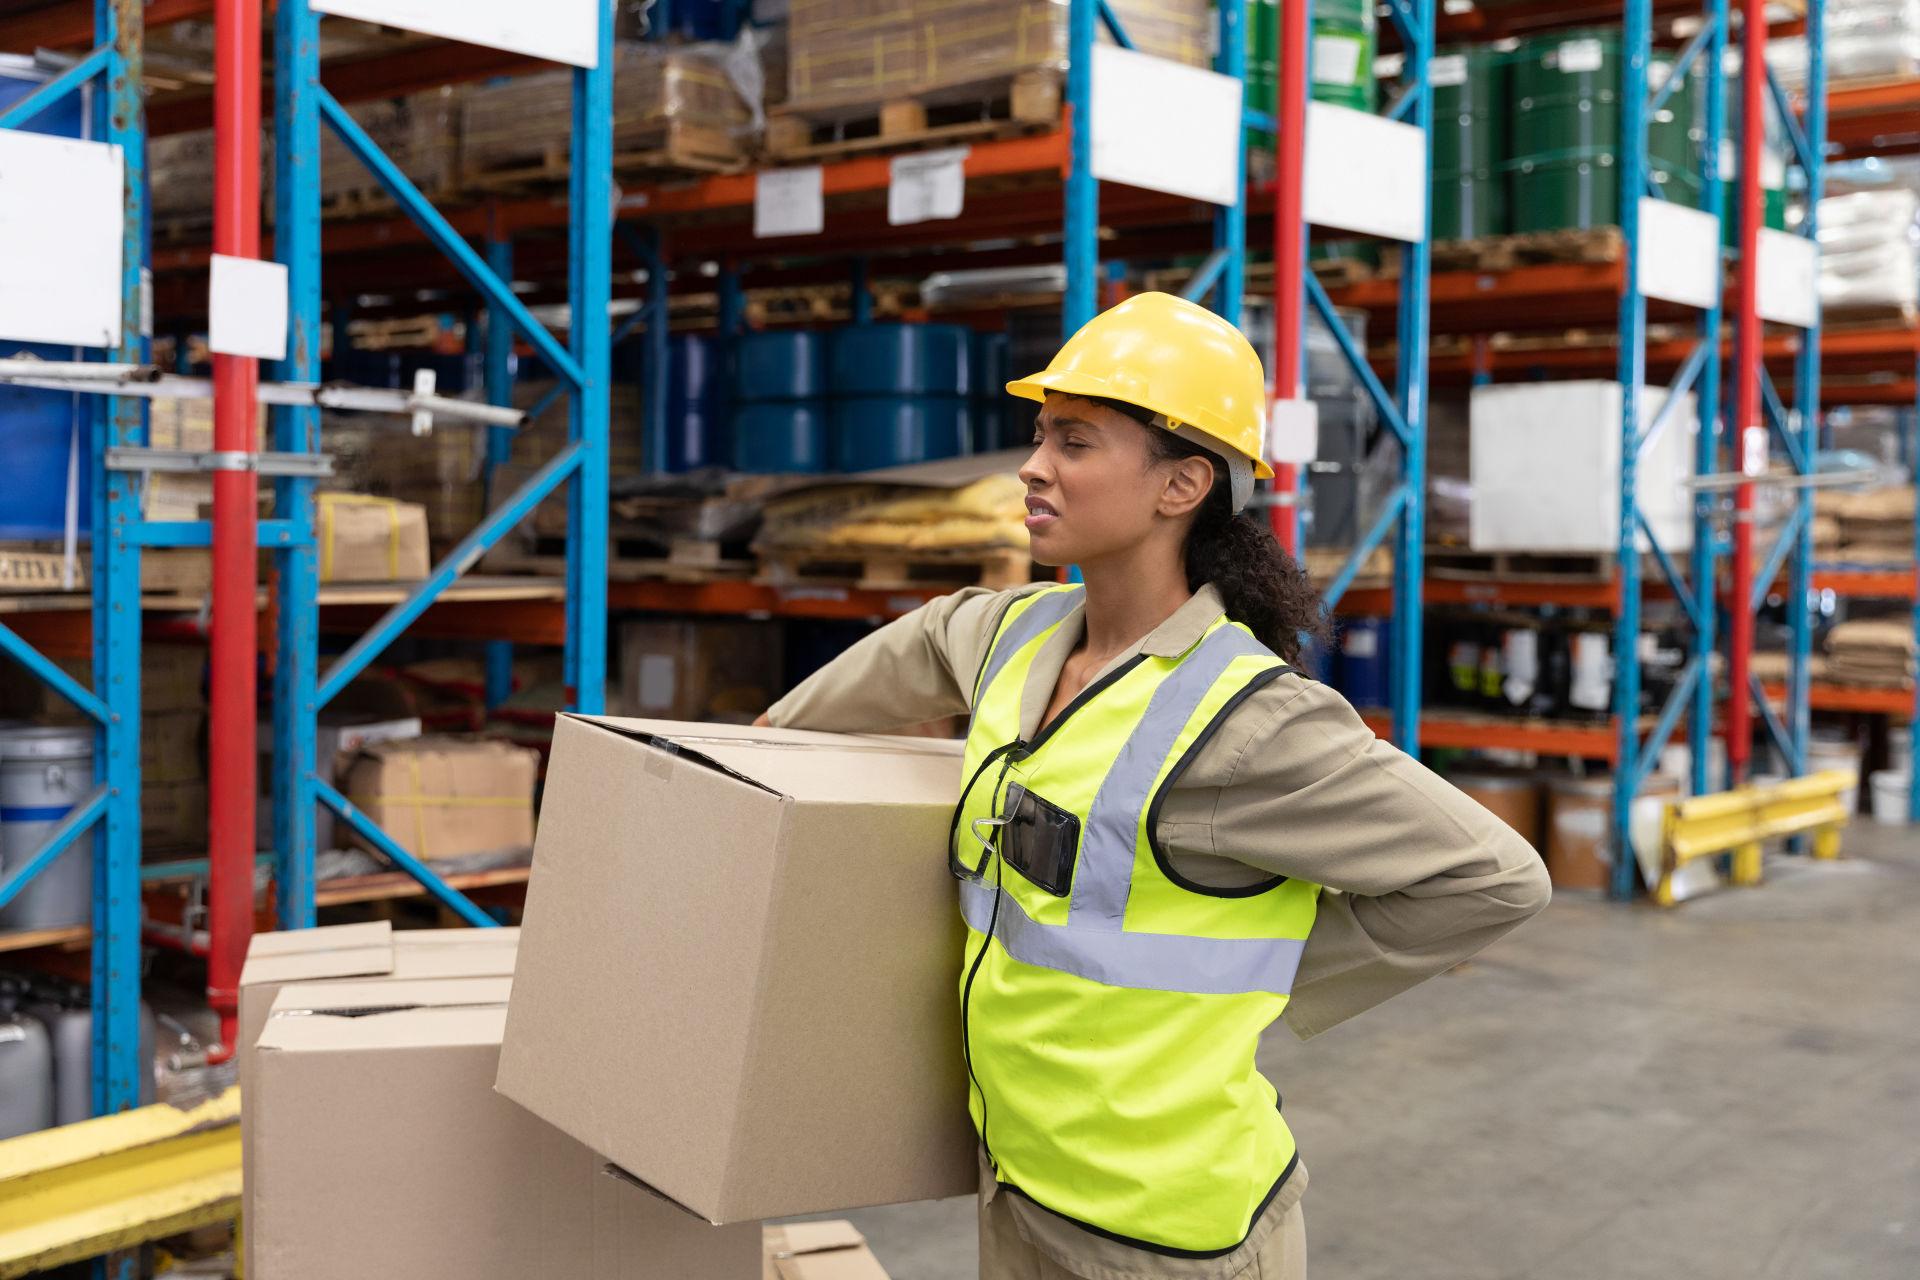 Warehouse Equipment - Injuries